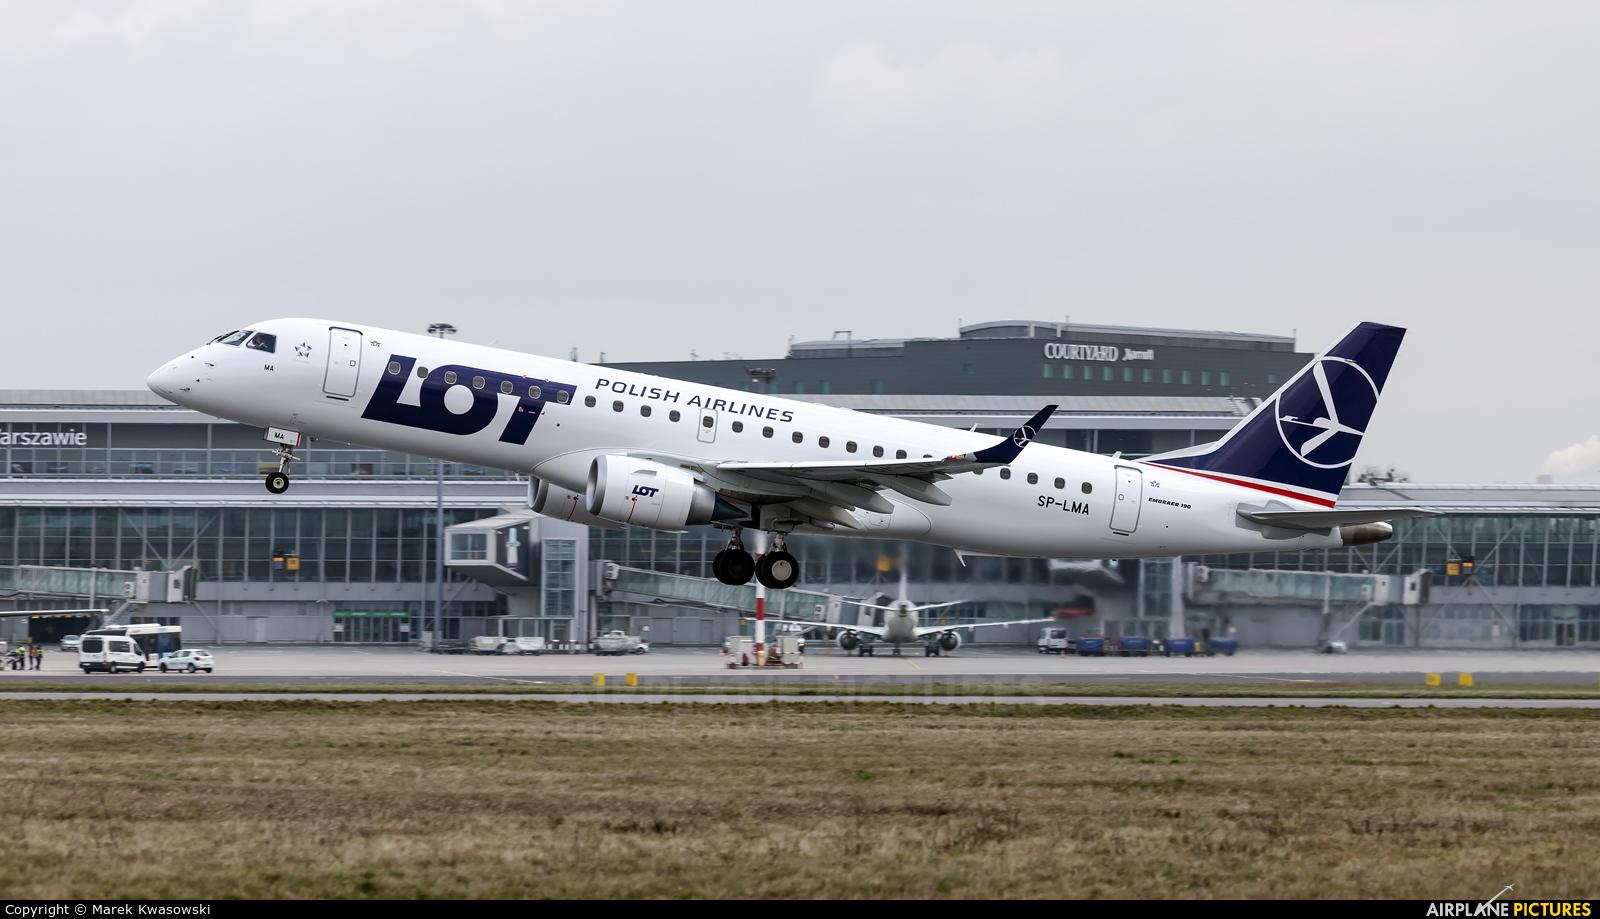 LOT - Polish Airlines SP-LMA aircraft at Warsaw - Frederic Chopin